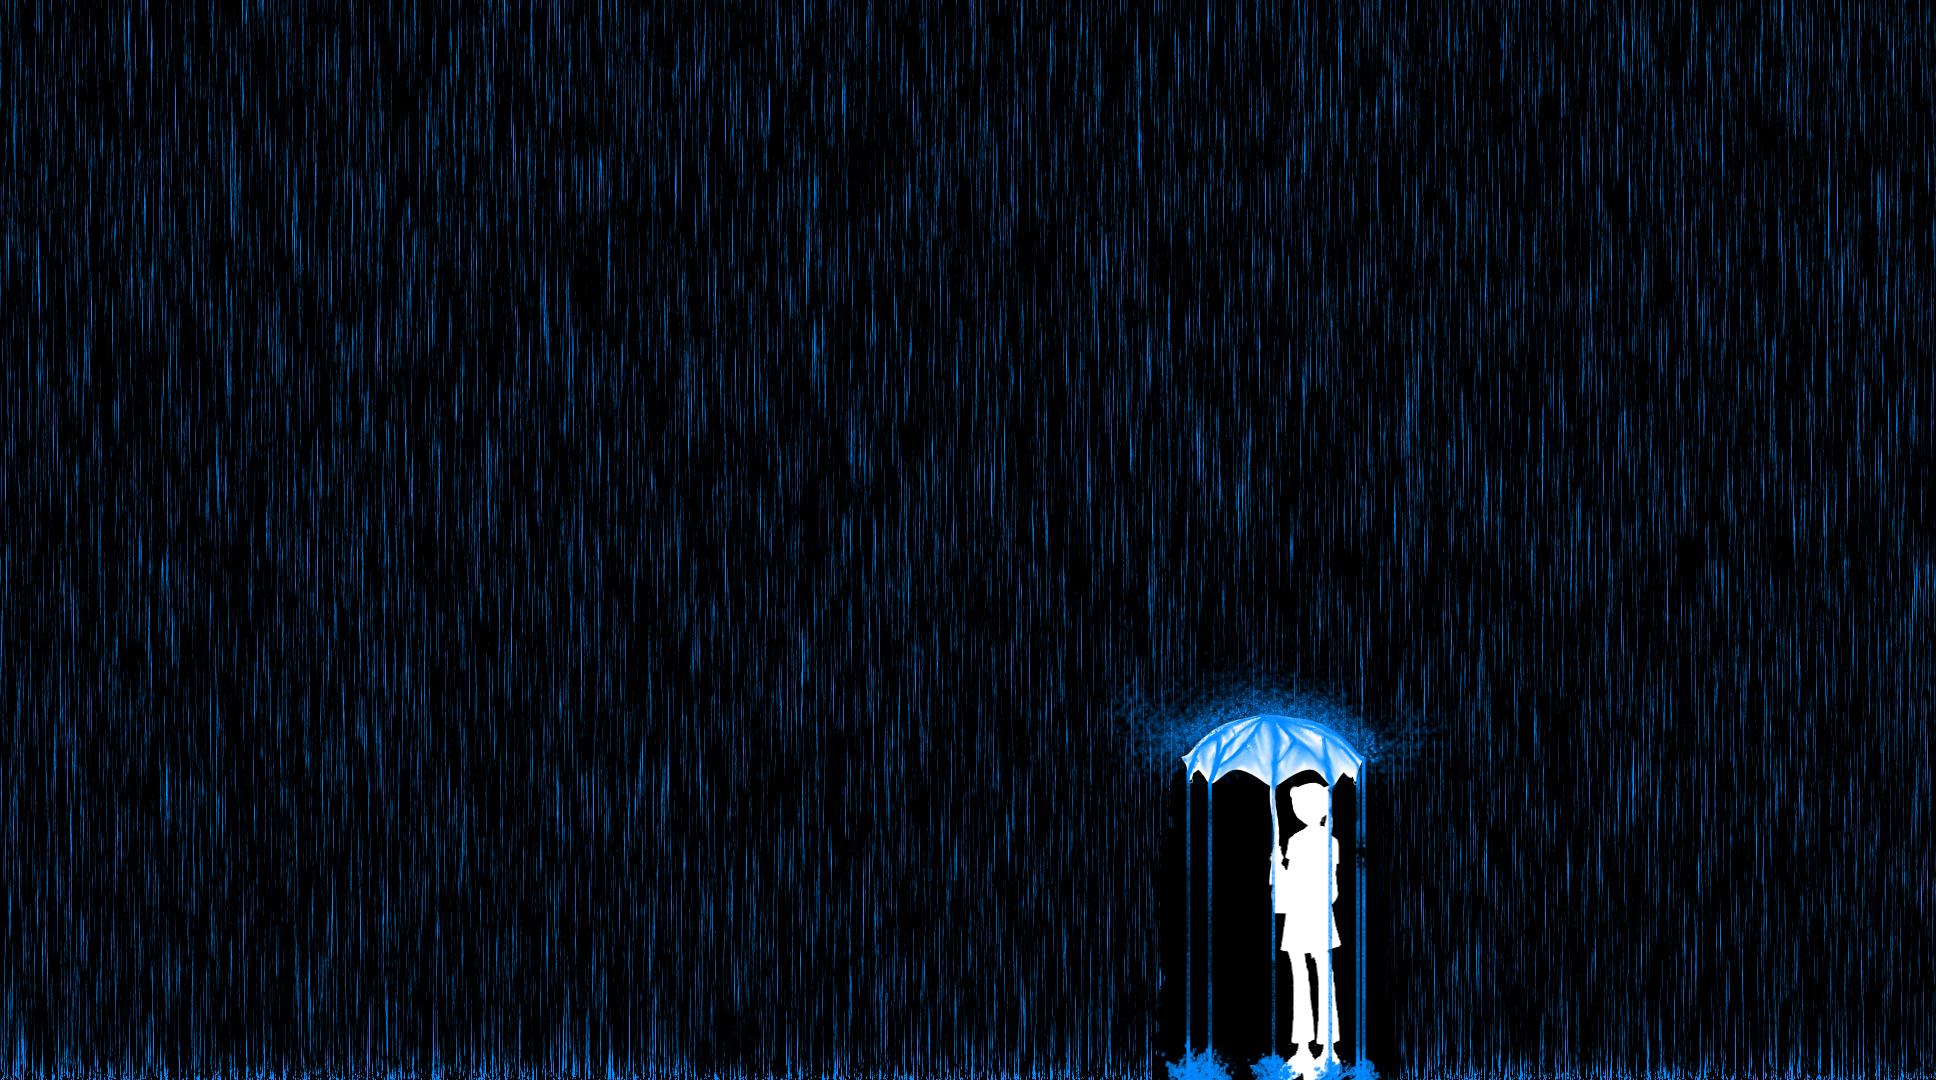 hacker wallpapers rainy day - photo #17